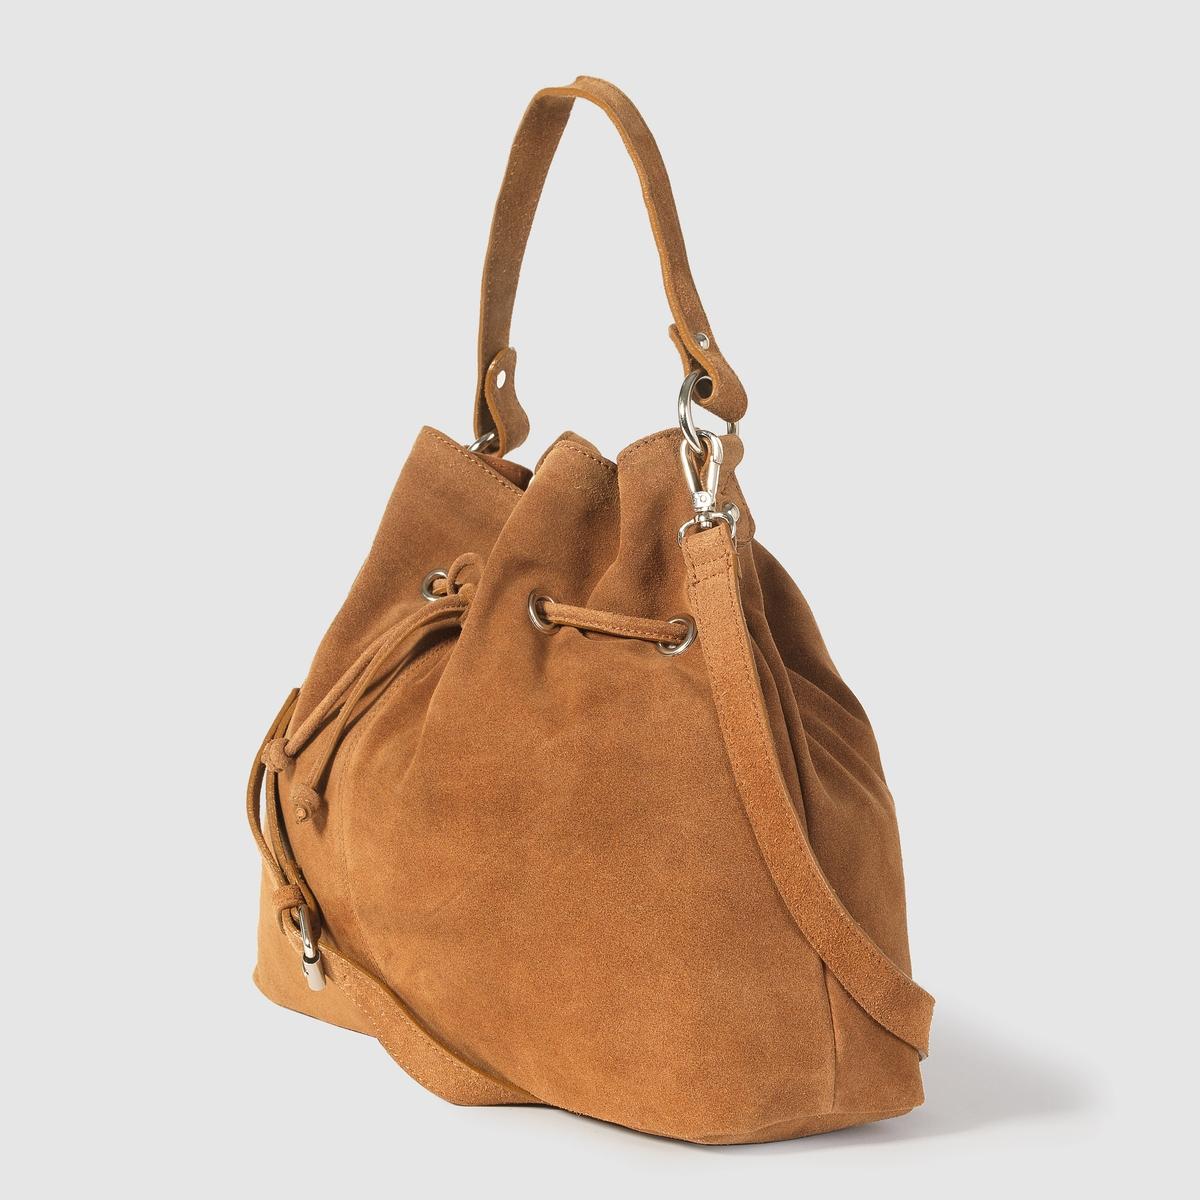 Сумка-мешок из мягкой кожиПреимущества : незаменимая в этом сезоне сумка из кожи не только создаёт утонченный аутентичный образ, но и очень вместительна.<br><br>Цвет: темно-бежевый<br>Размер: единый размер